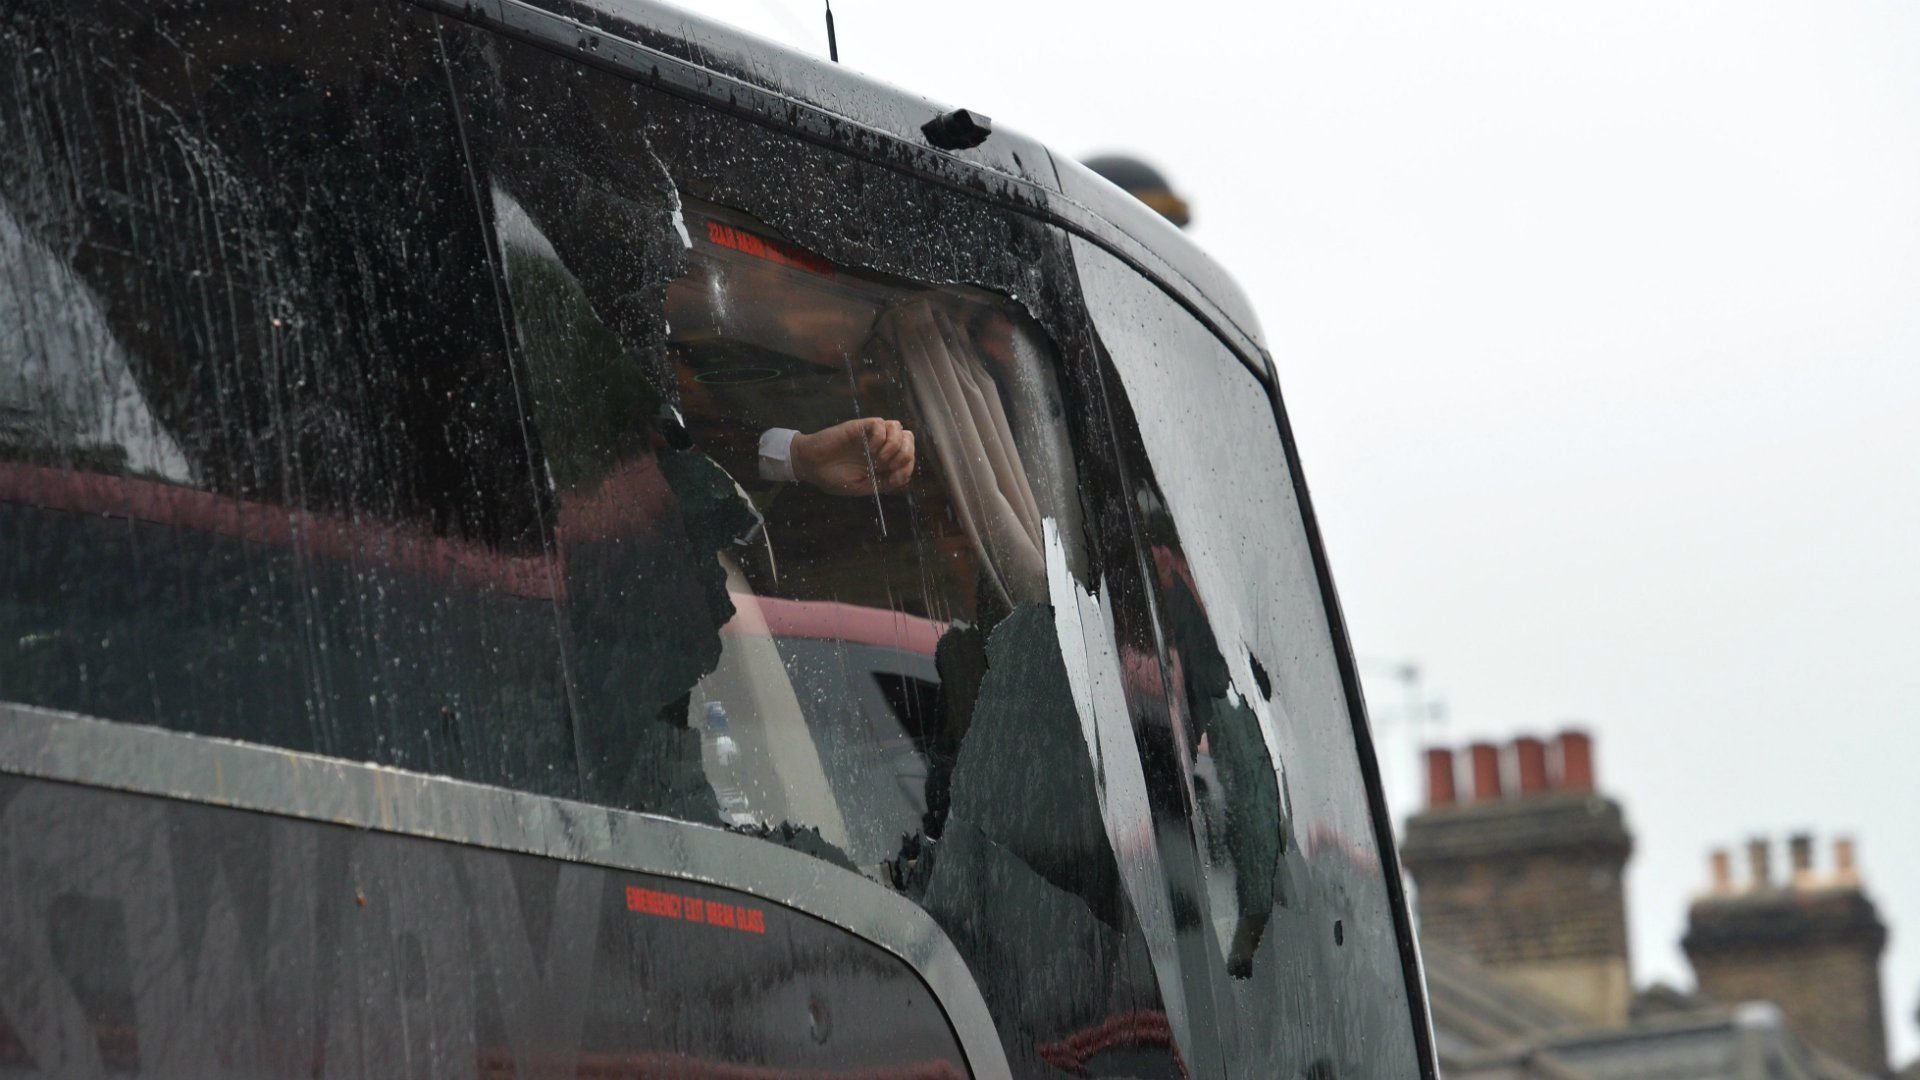 Suspenderán de por vida a hinchas del West Ham que agredieron el micro del United